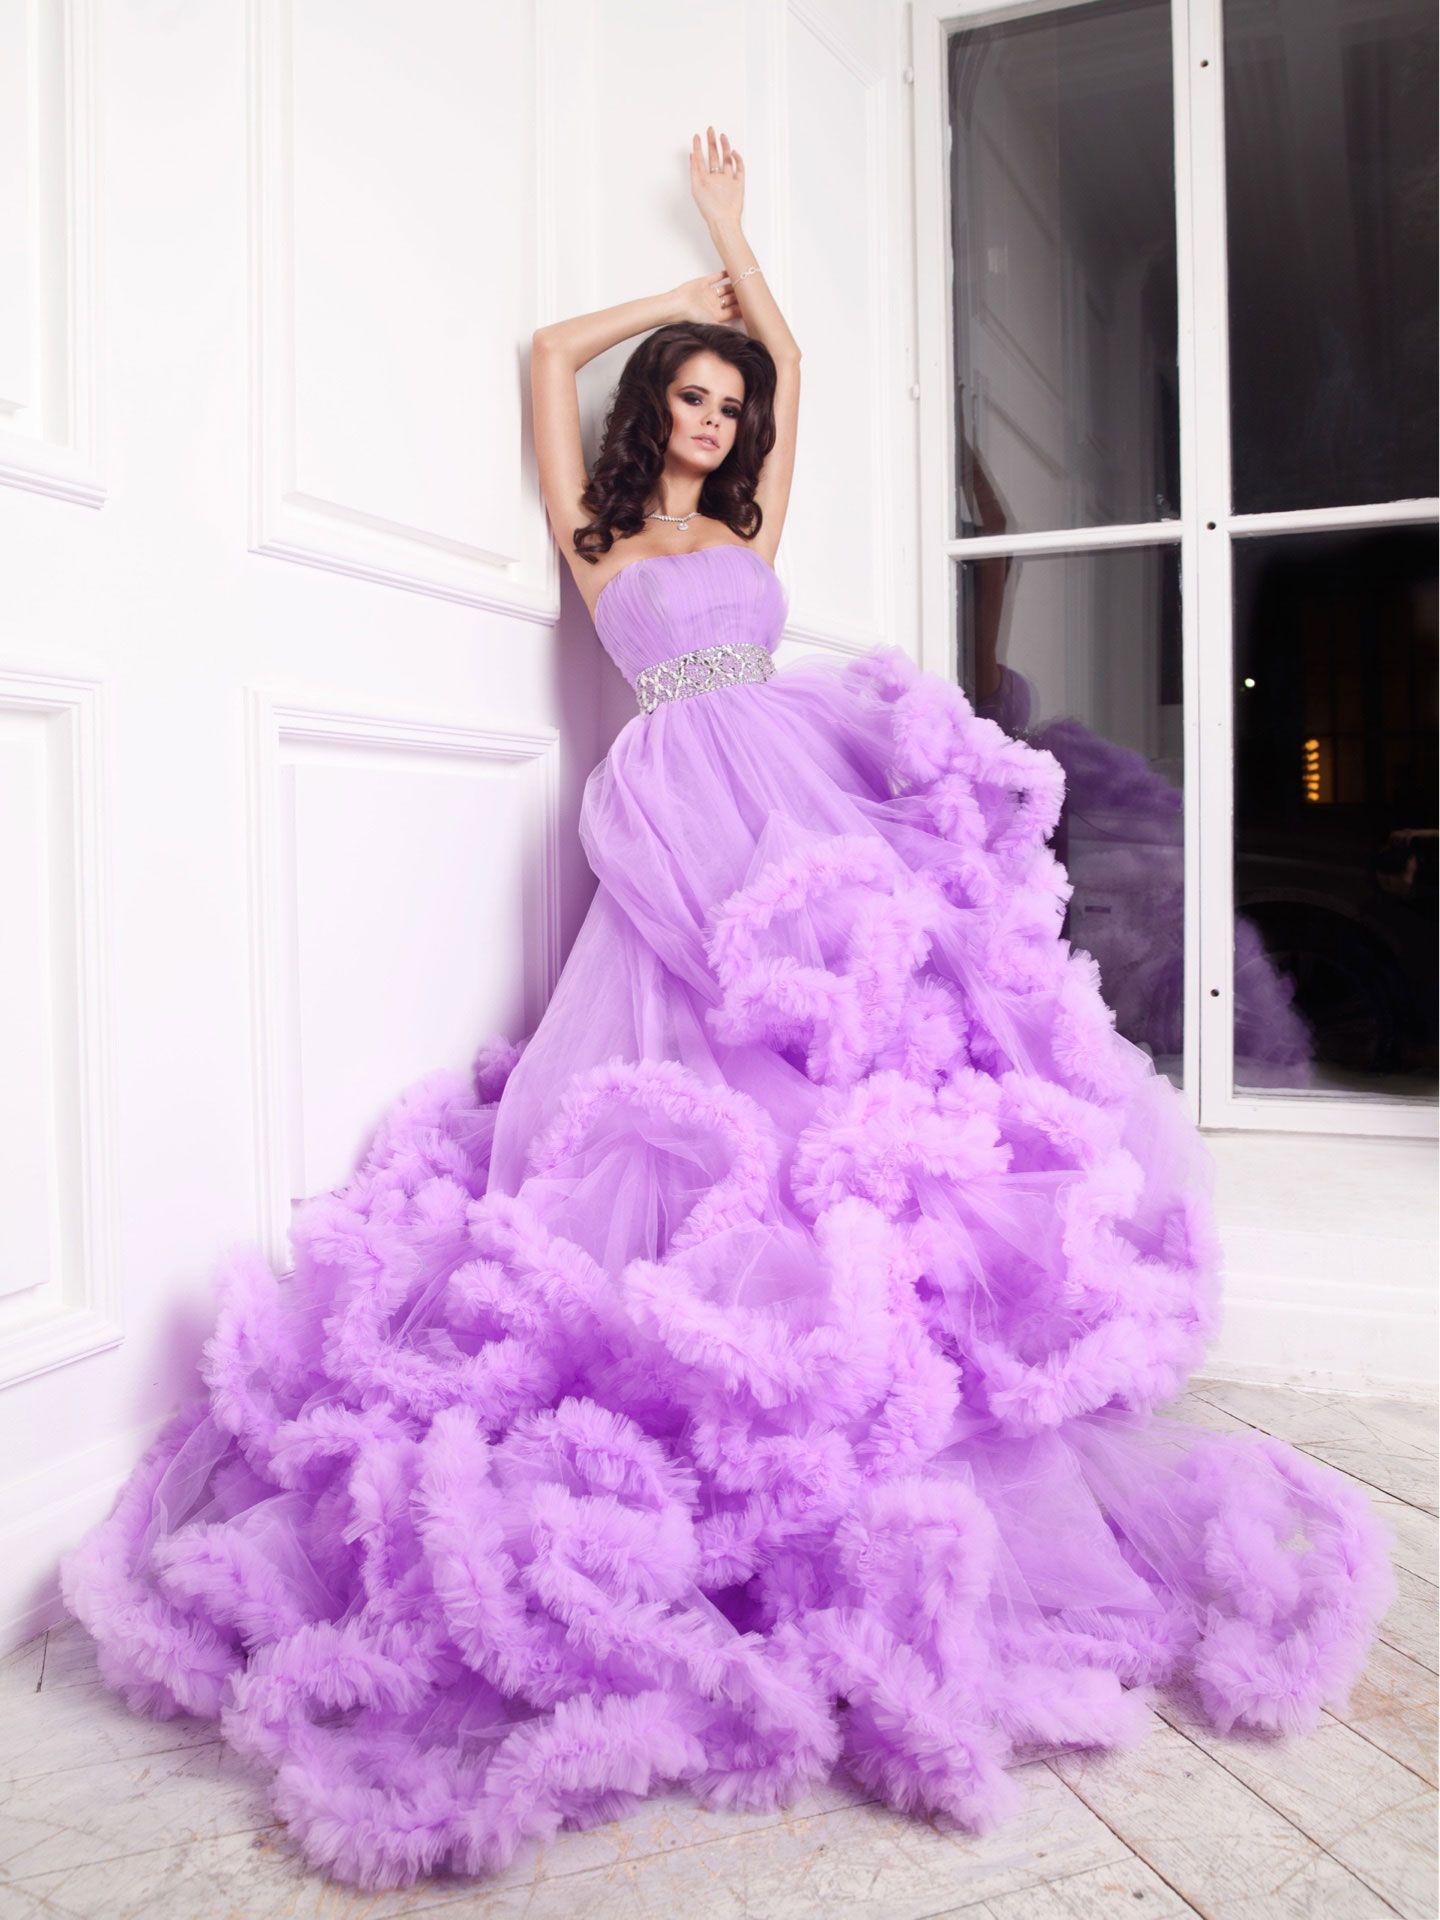 очень красивые платья напрокат для фотосессии снимал портреты, виды